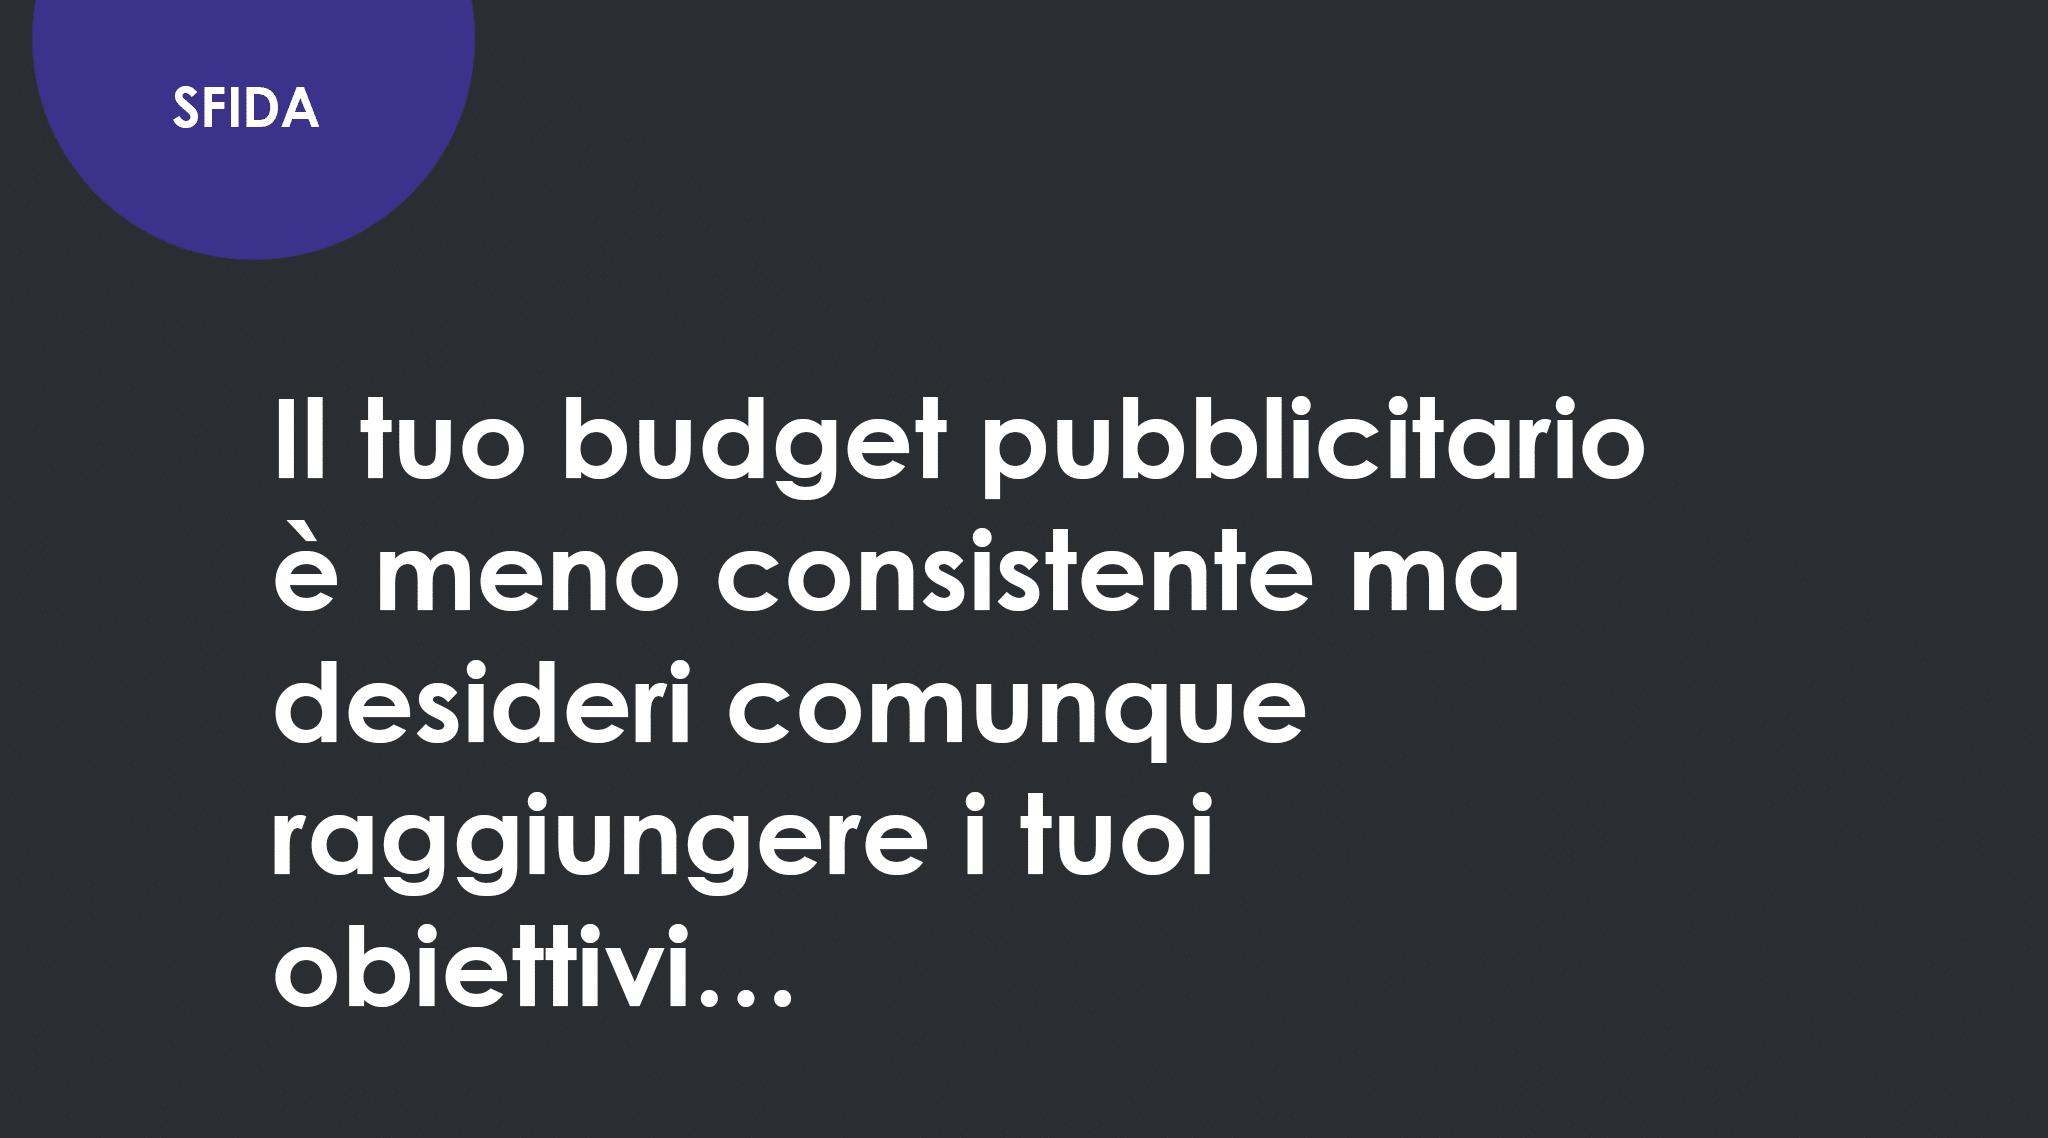 Il tuo budget pubblicitario è meno consistente ma desideri comunque raggiungere i tuoi obiettivi…